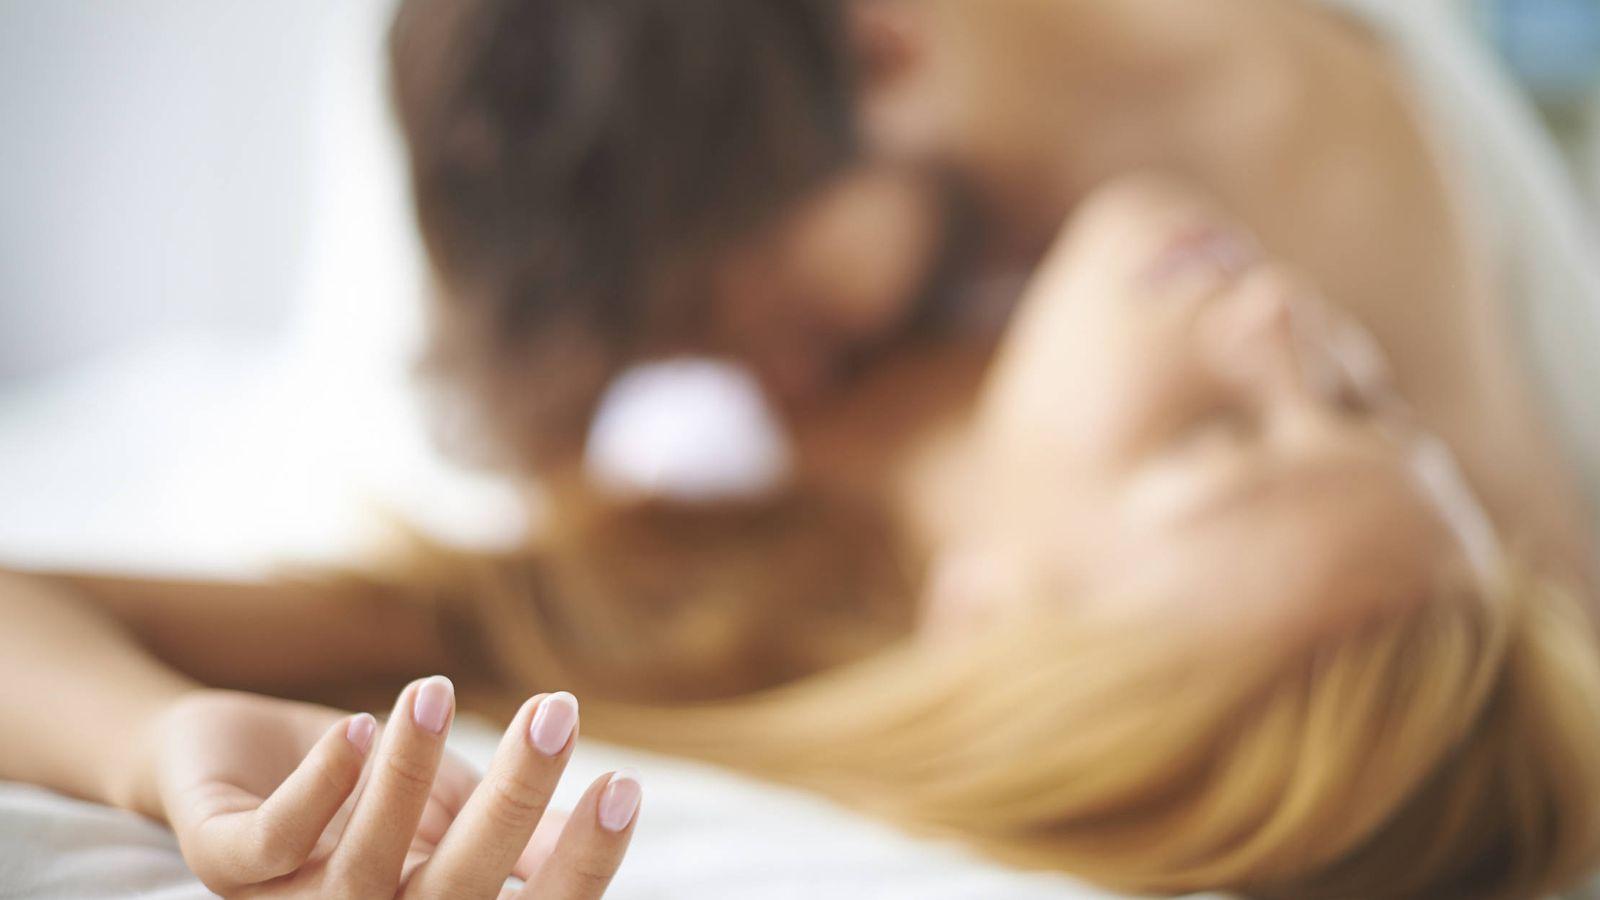 Relaciones sexuales  El error más grande que cometen los hombres en la cama 6084ab0d03